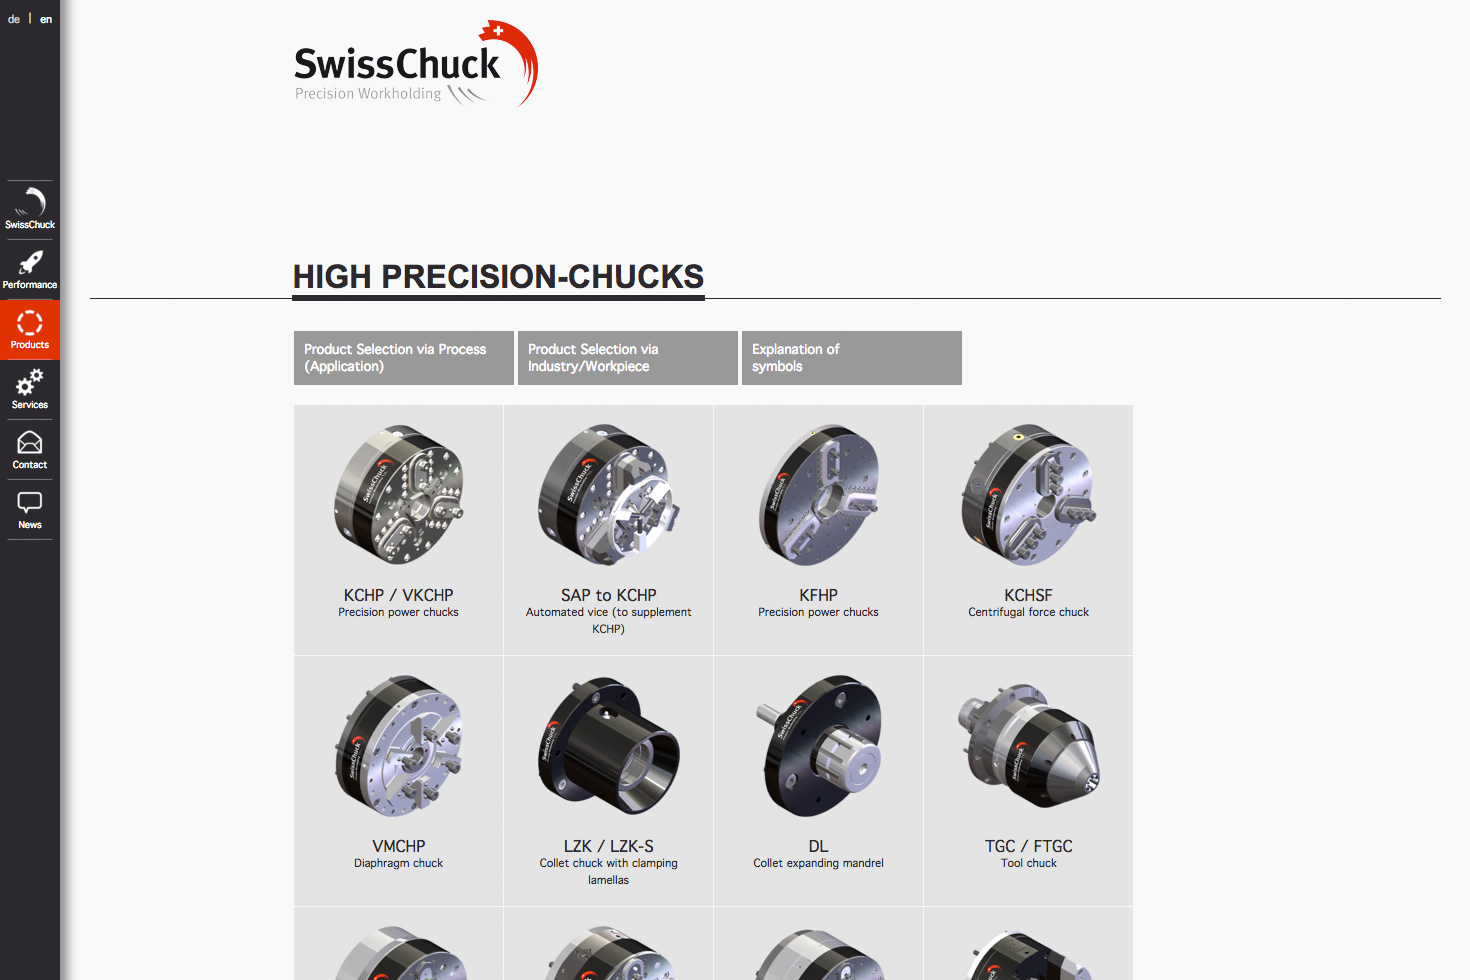 Bild 3 vom SwissChuck AG Webseite